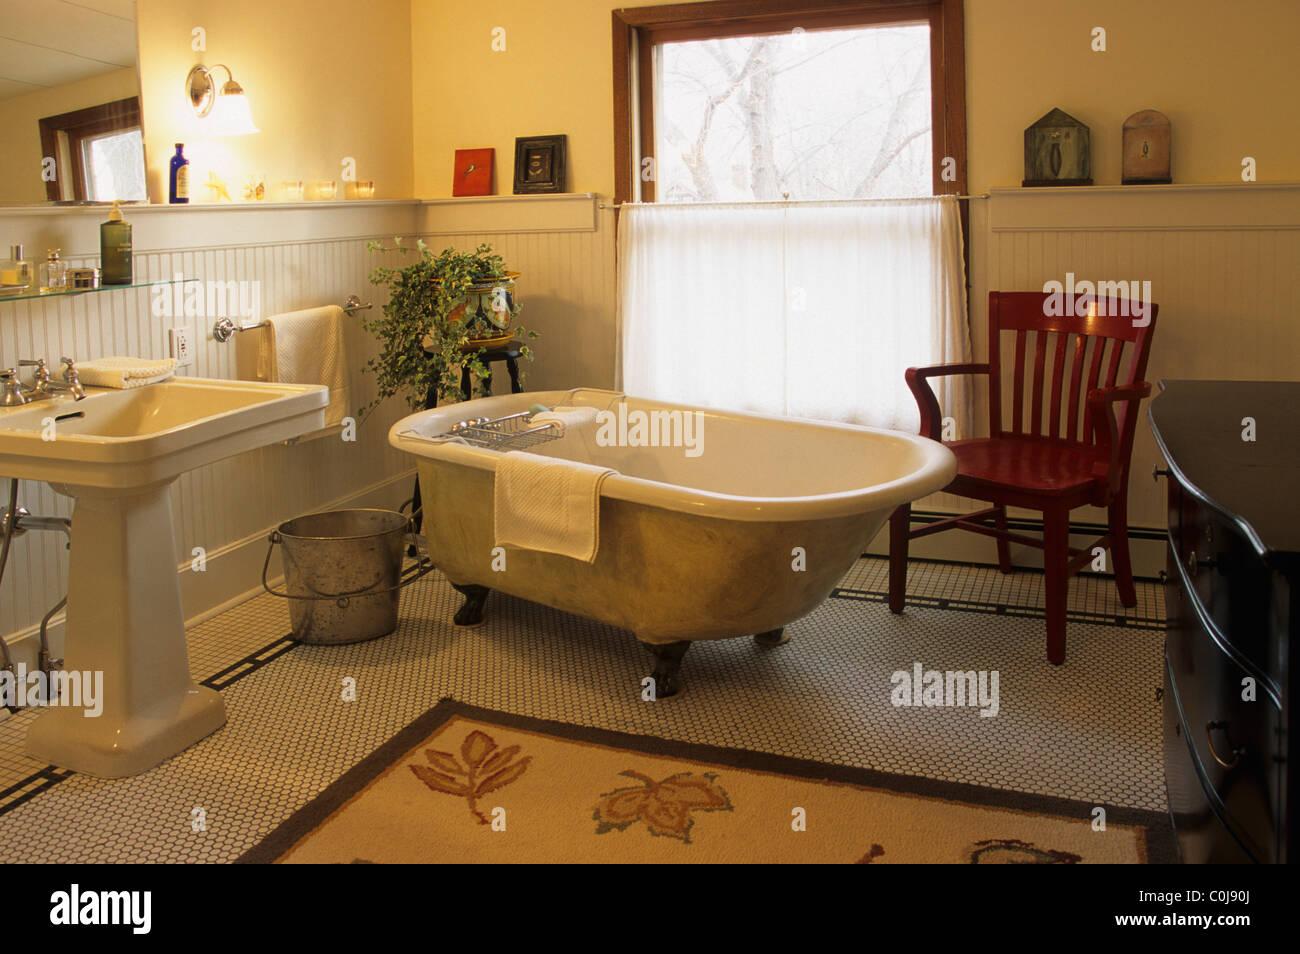 Salle De Bain Bungalow ~ old fashioned baignoire sur pieds en fonte et d un lavabo dans la